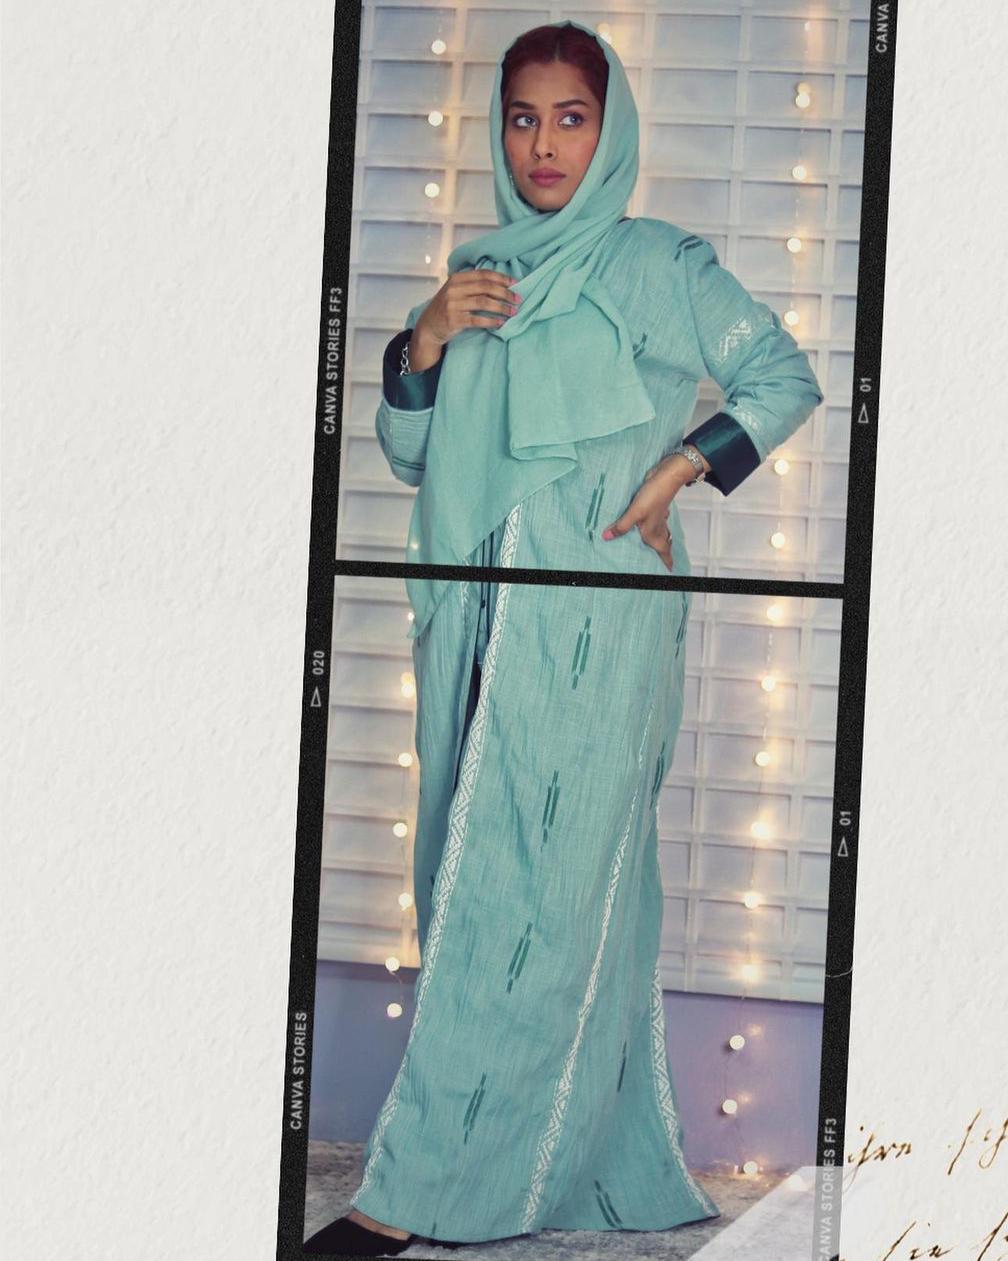 منى اشرف بعباية صيفية -الصورة من حسابها على الانستغرام